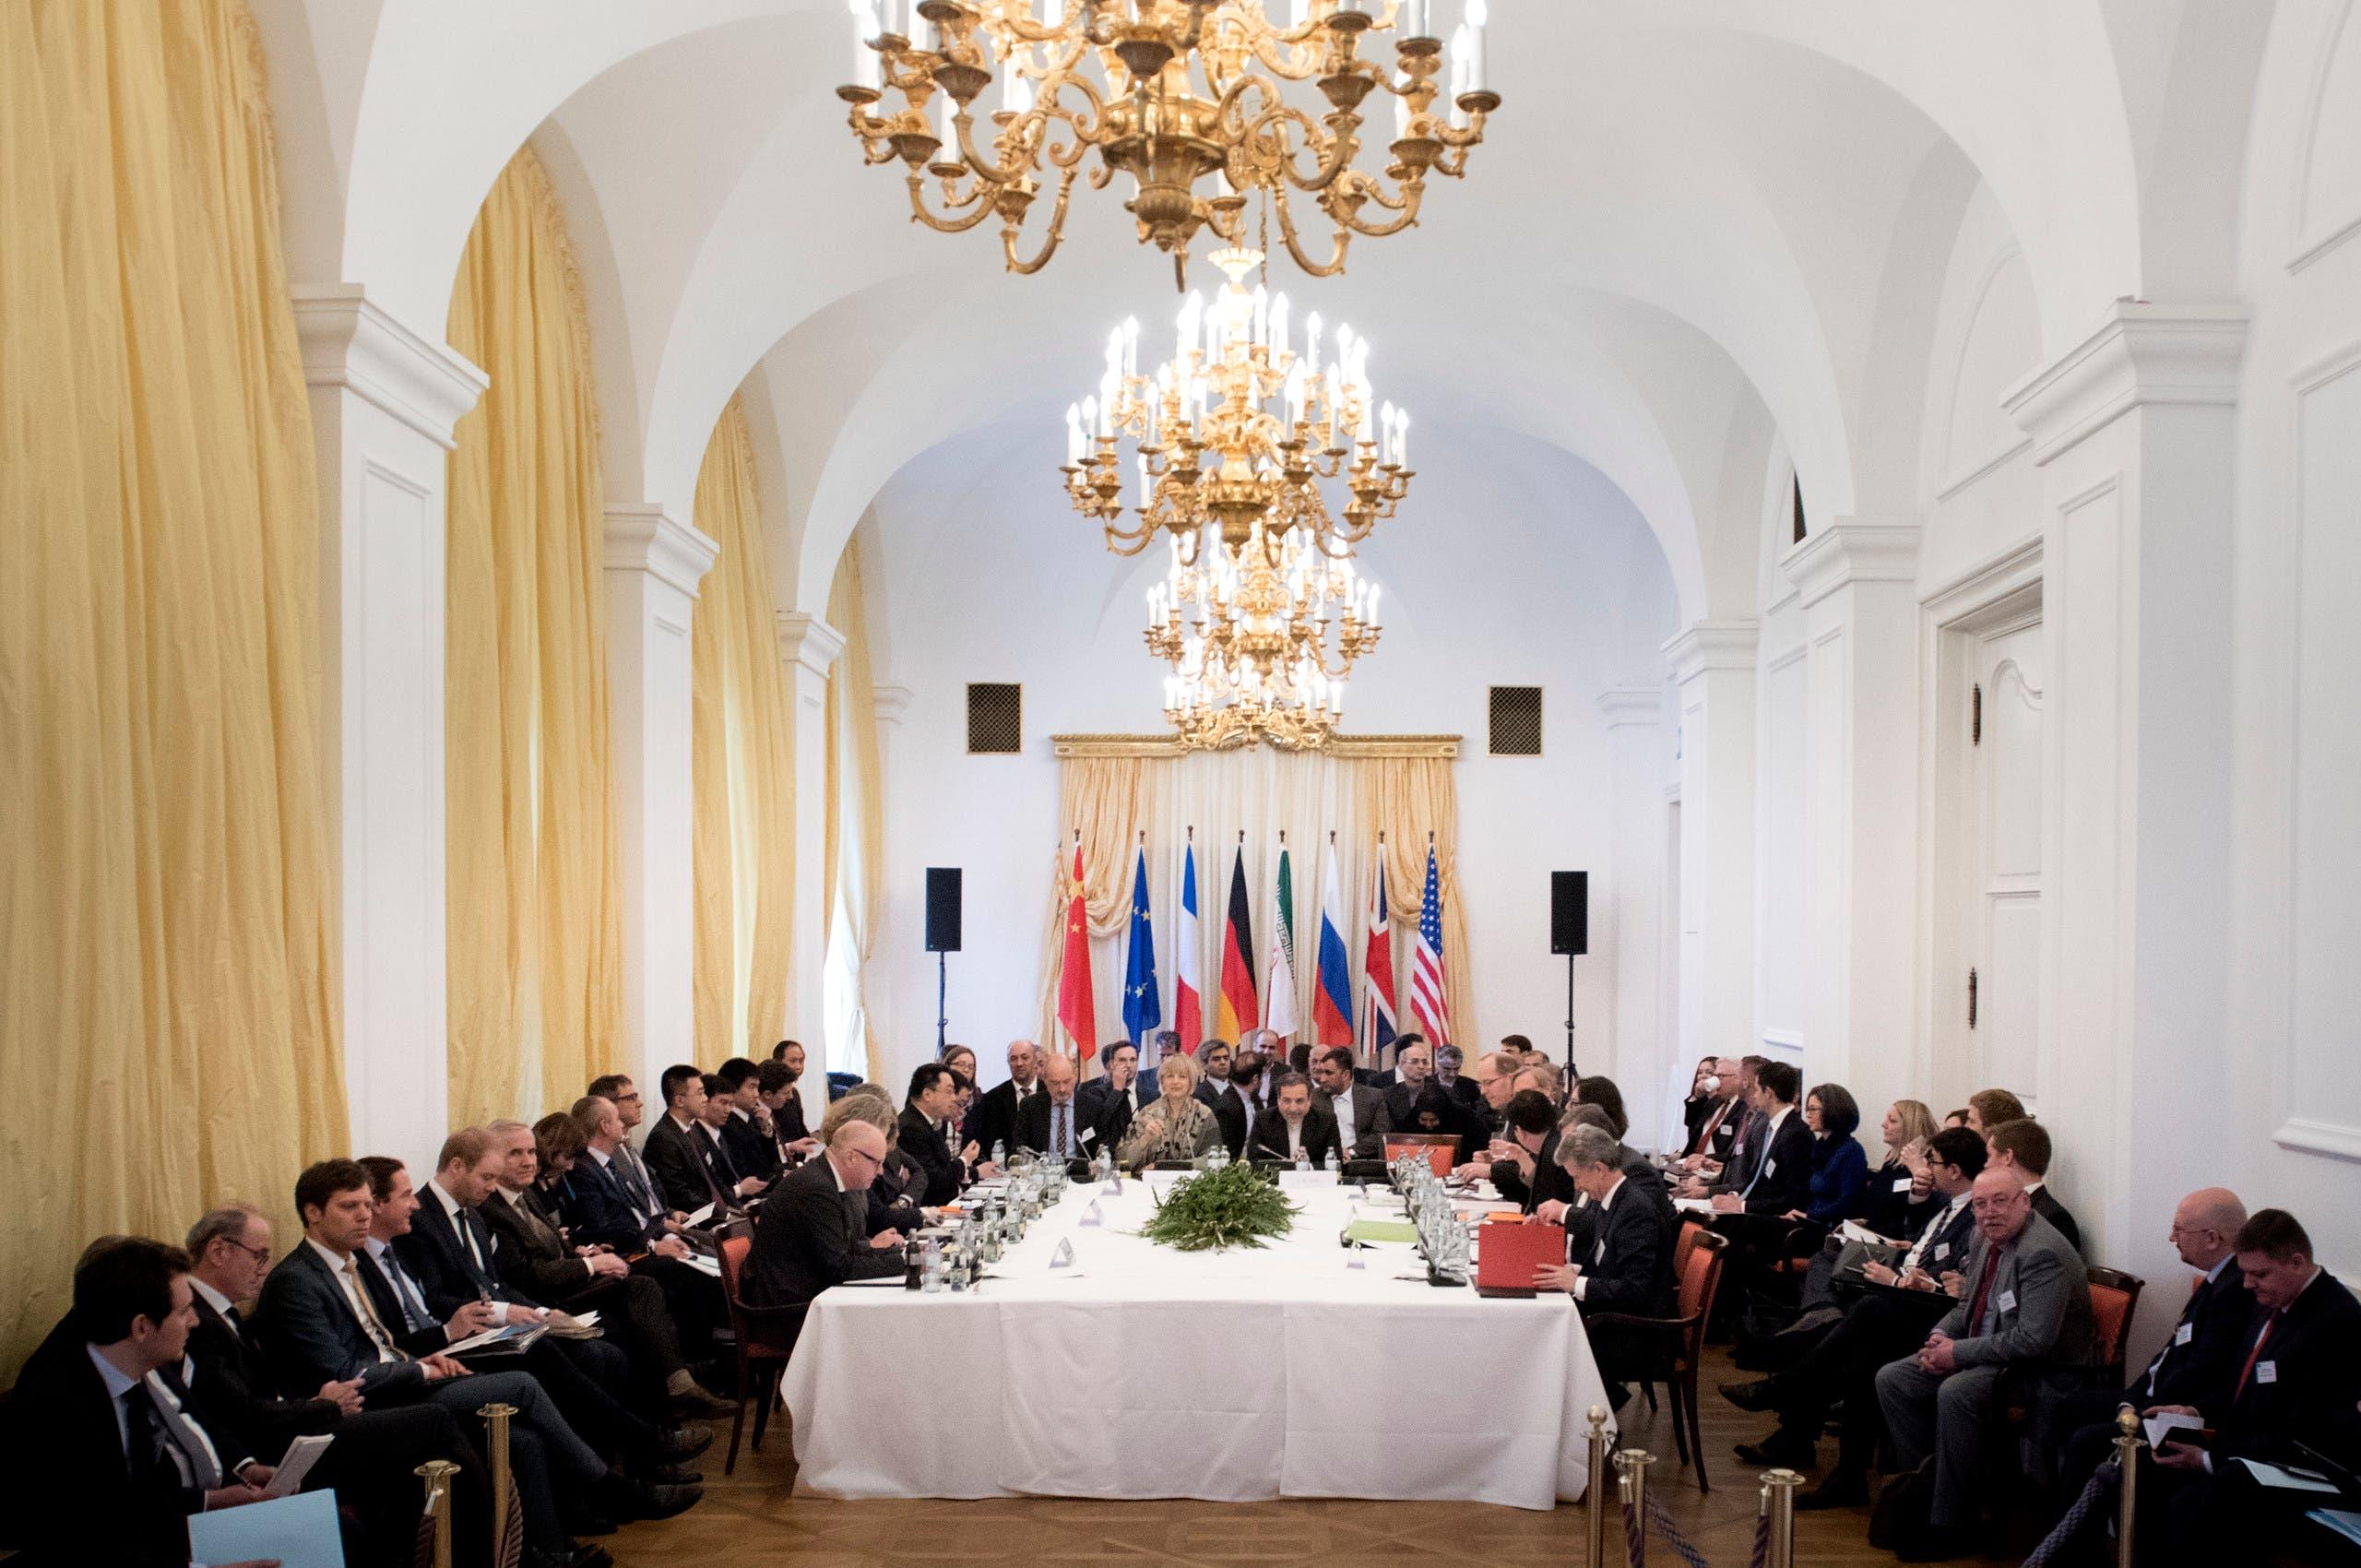 من المفاوضات التي سبقت التوصل للاتفاق النووي في فيينا في مارس 2015